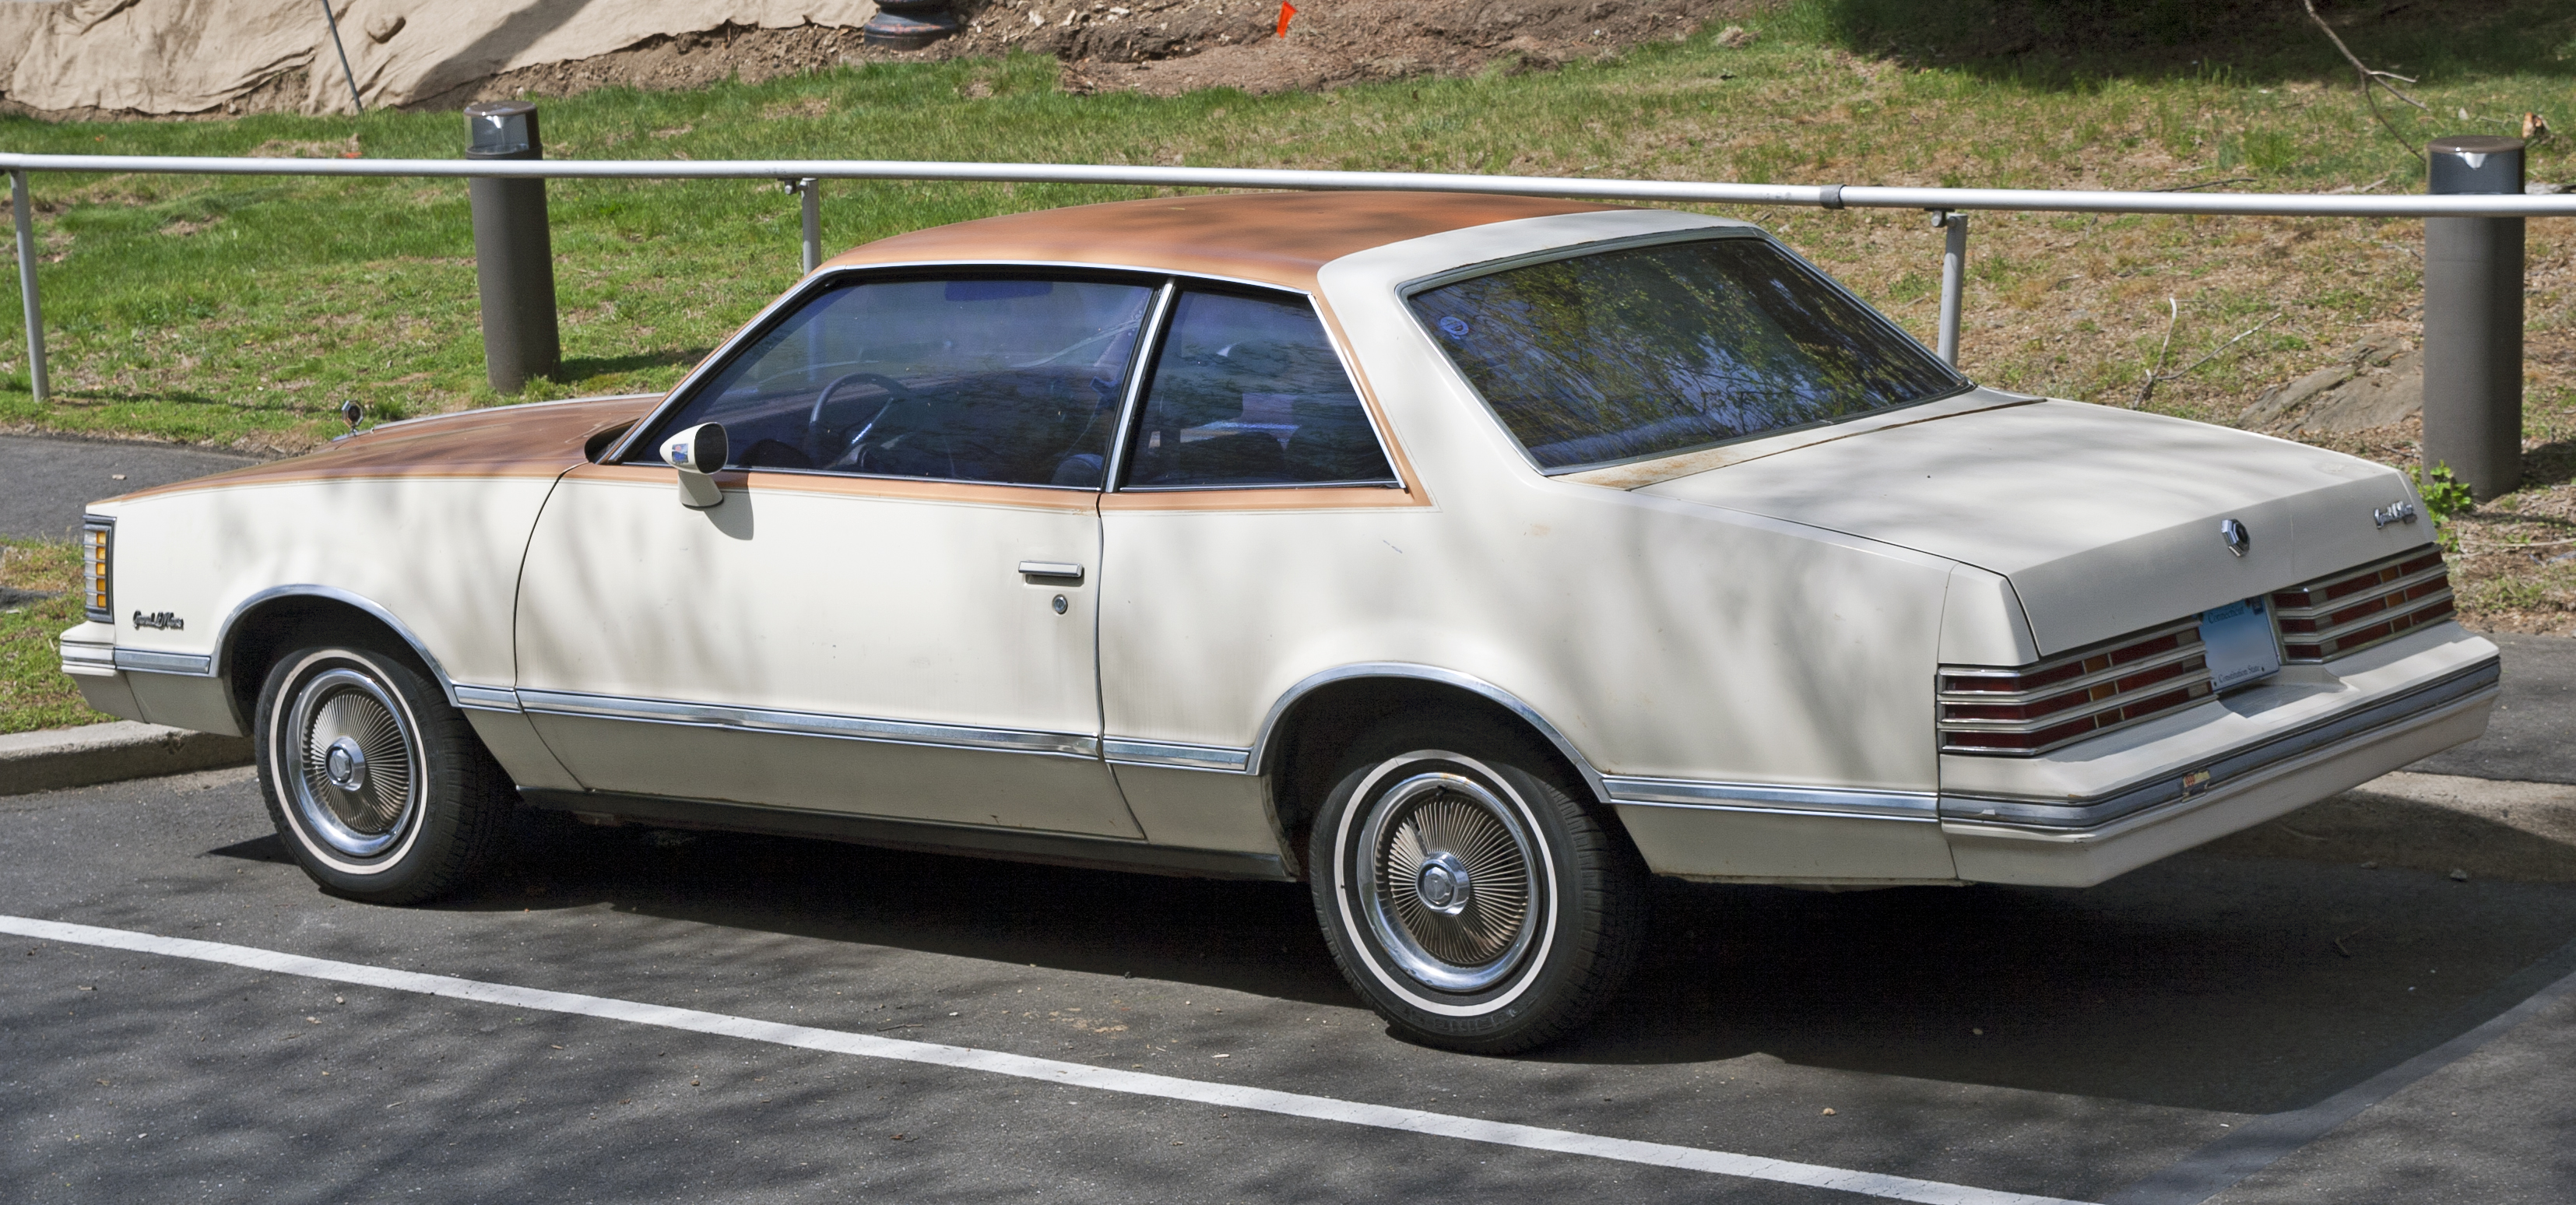 Pontiac Grand Am Car Parts